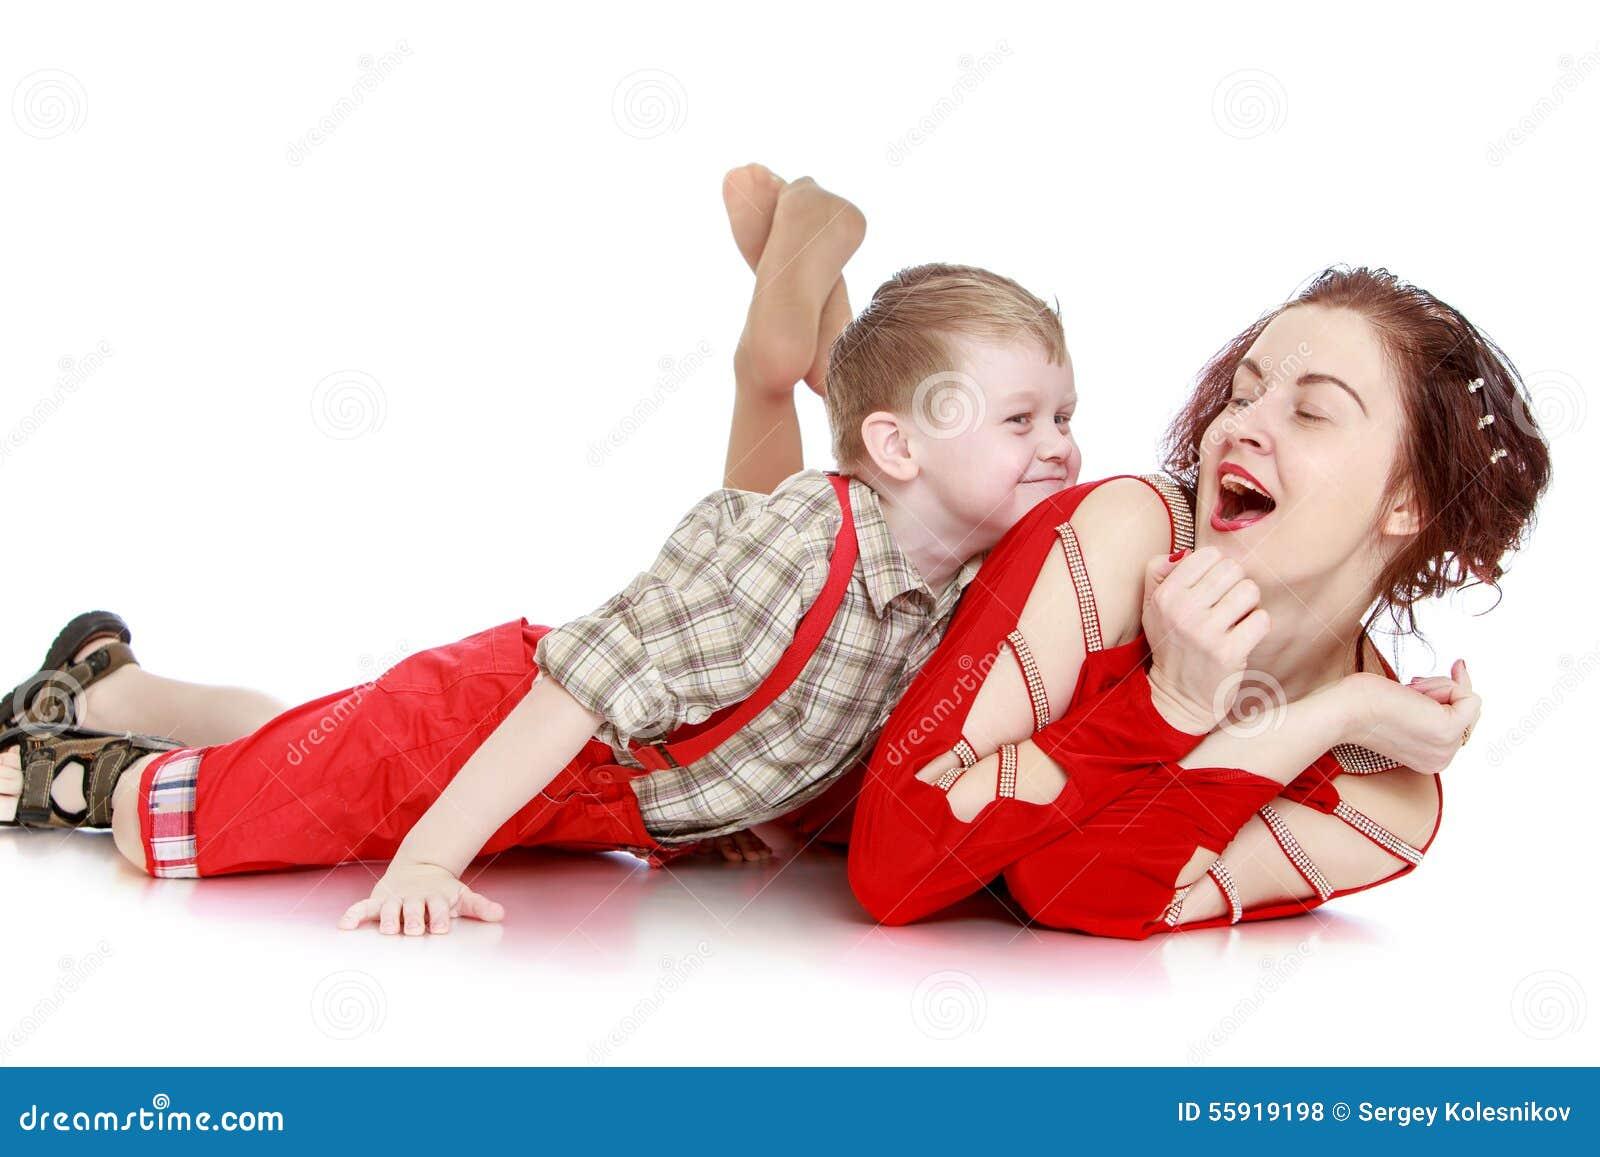 Потехи мамы и сына фото 541-244